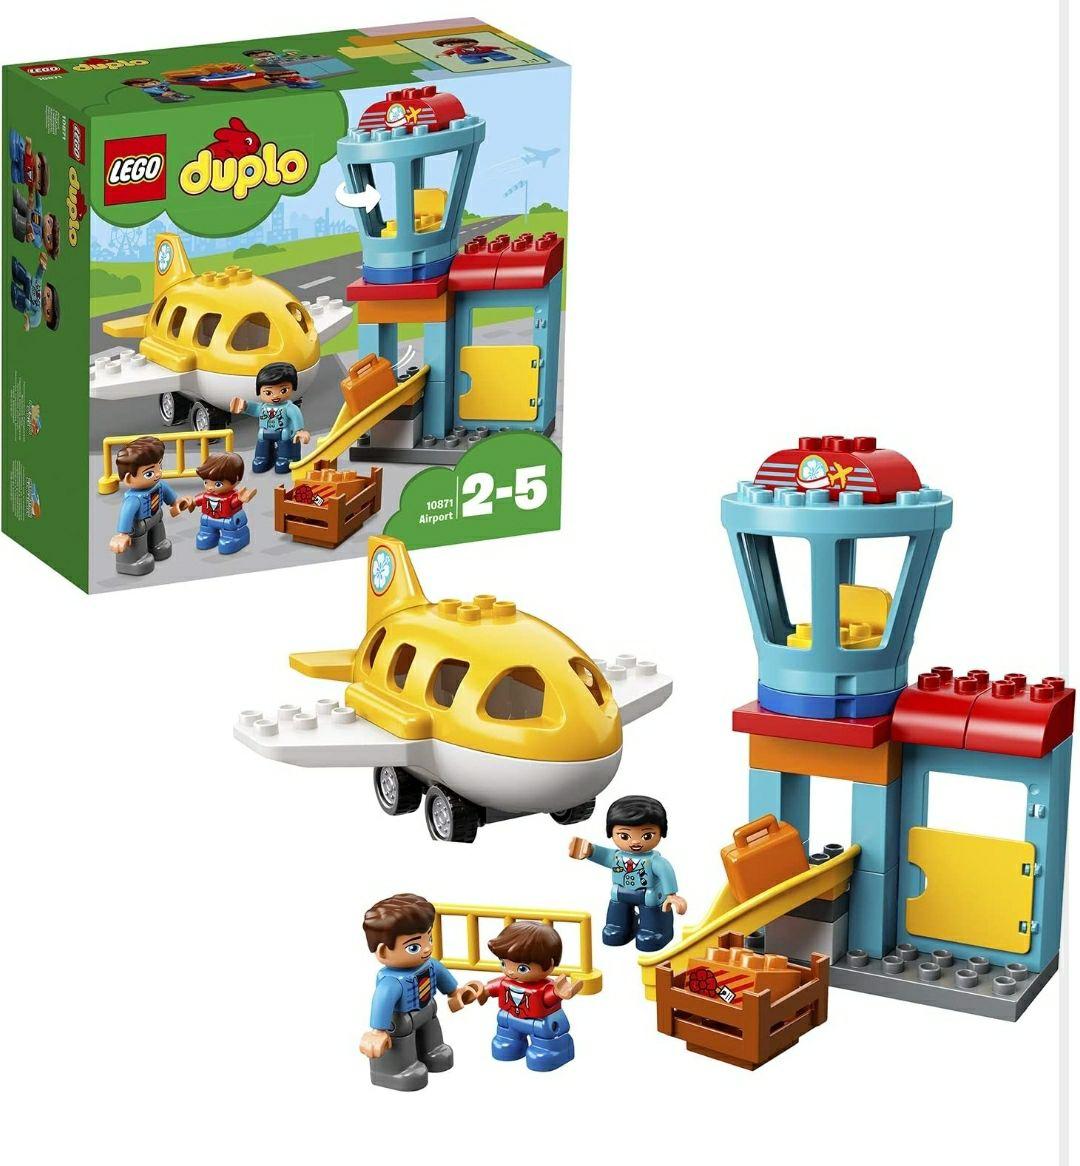 LEGO DUPLO - Town Aeropuerto, Juguete de Construcción con Avión y Torre de Control